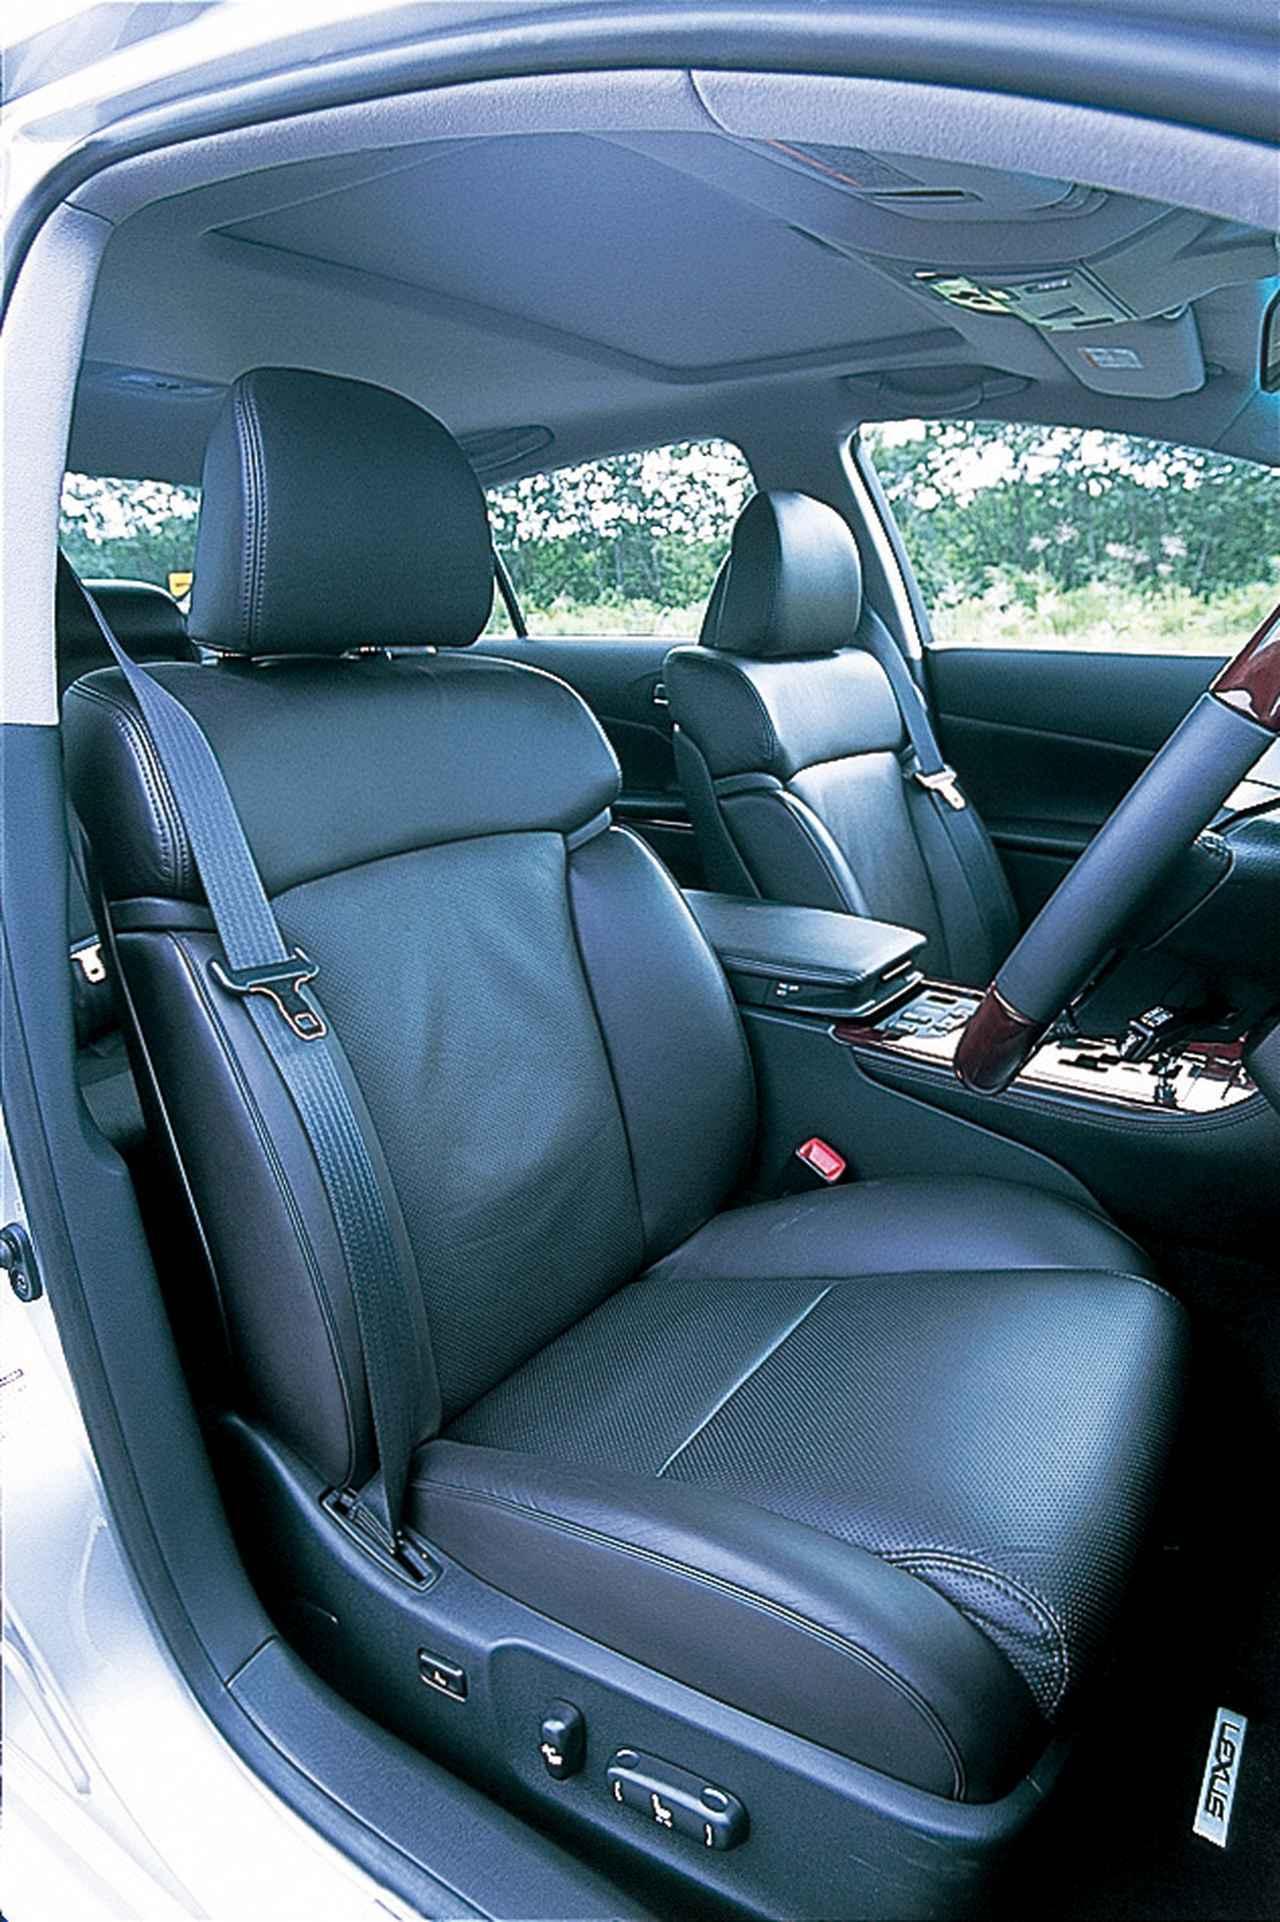 Images : 6番目の画像 - レクサスGS350 BMW530i アウディA6 3.2FSIクワトロ - Webモーターマガジン